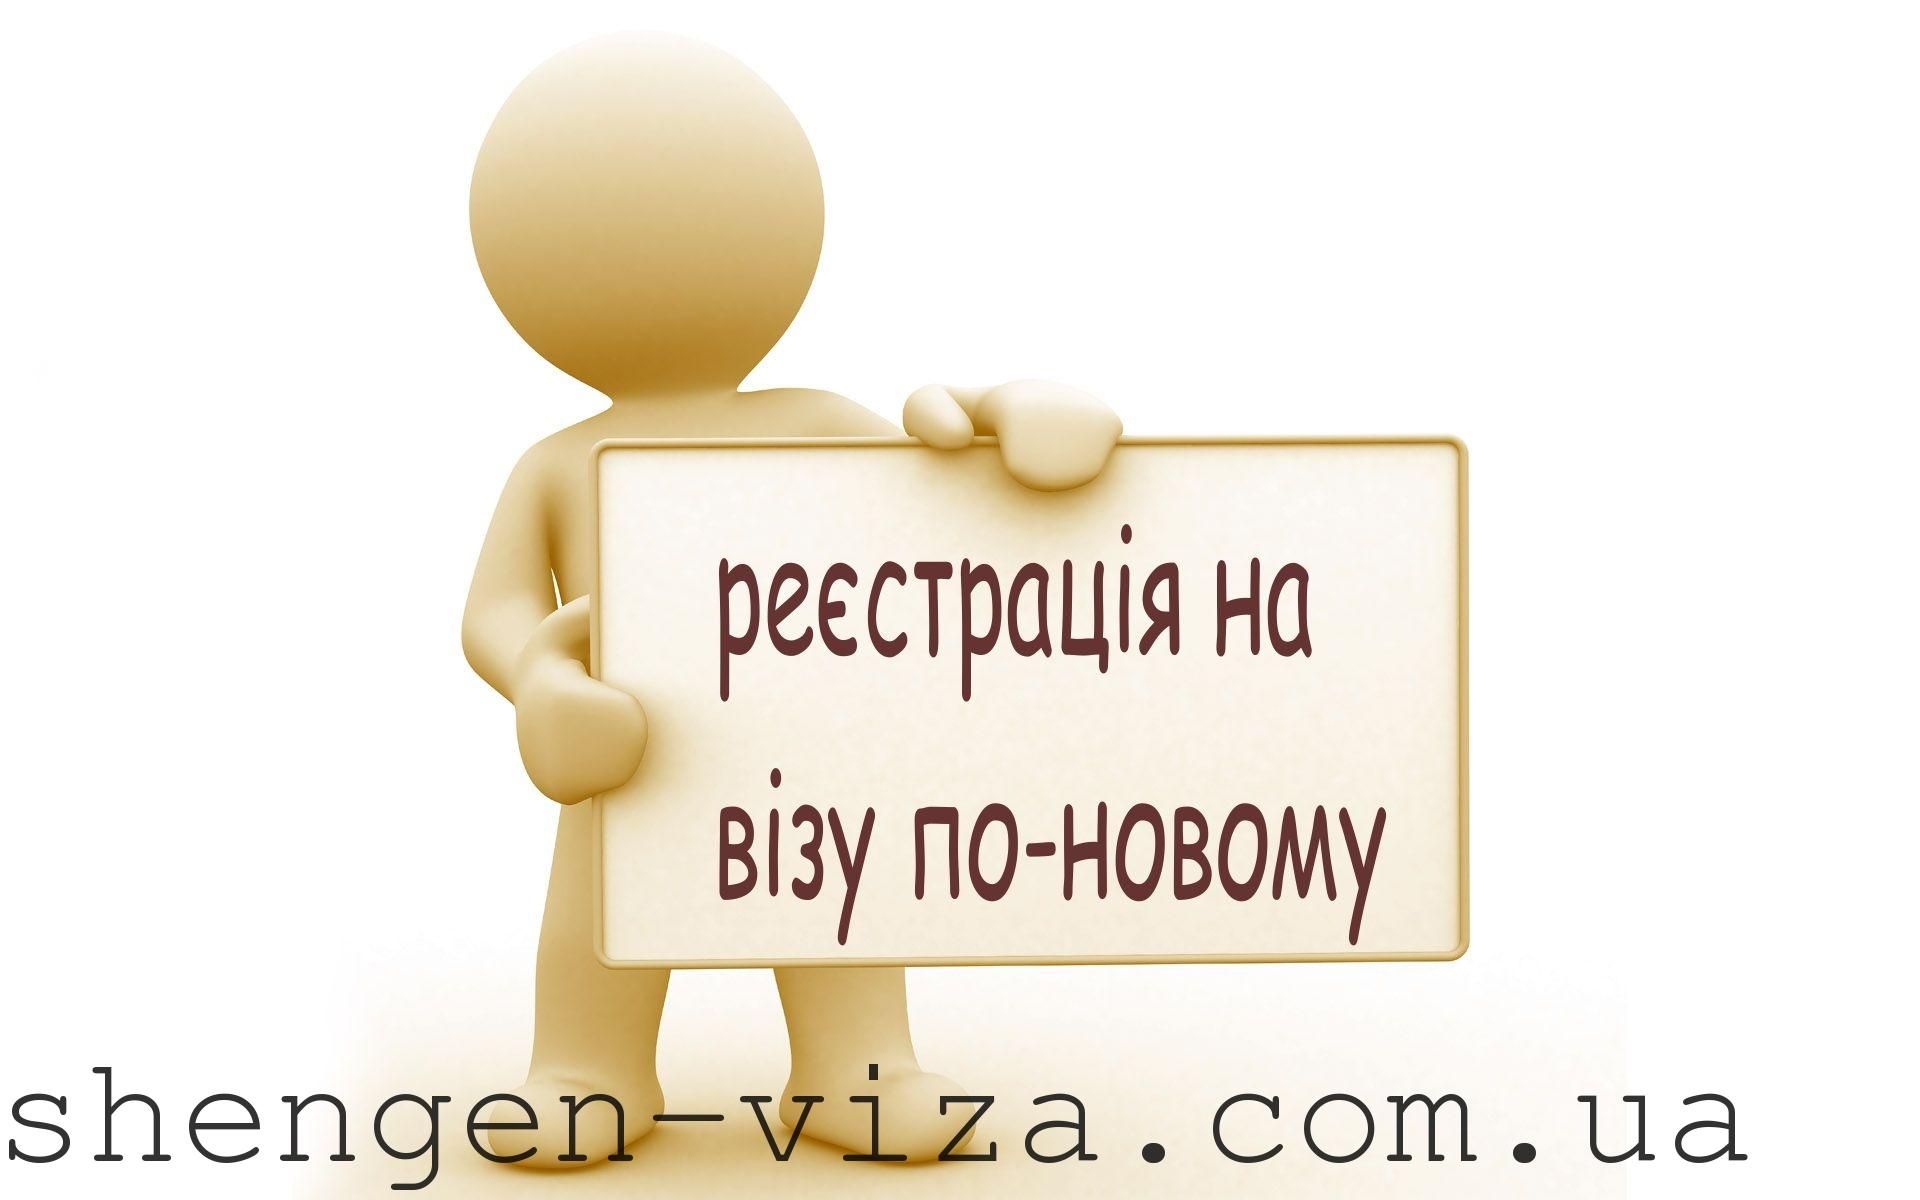 Регистрация на визу в Польшу по-новому